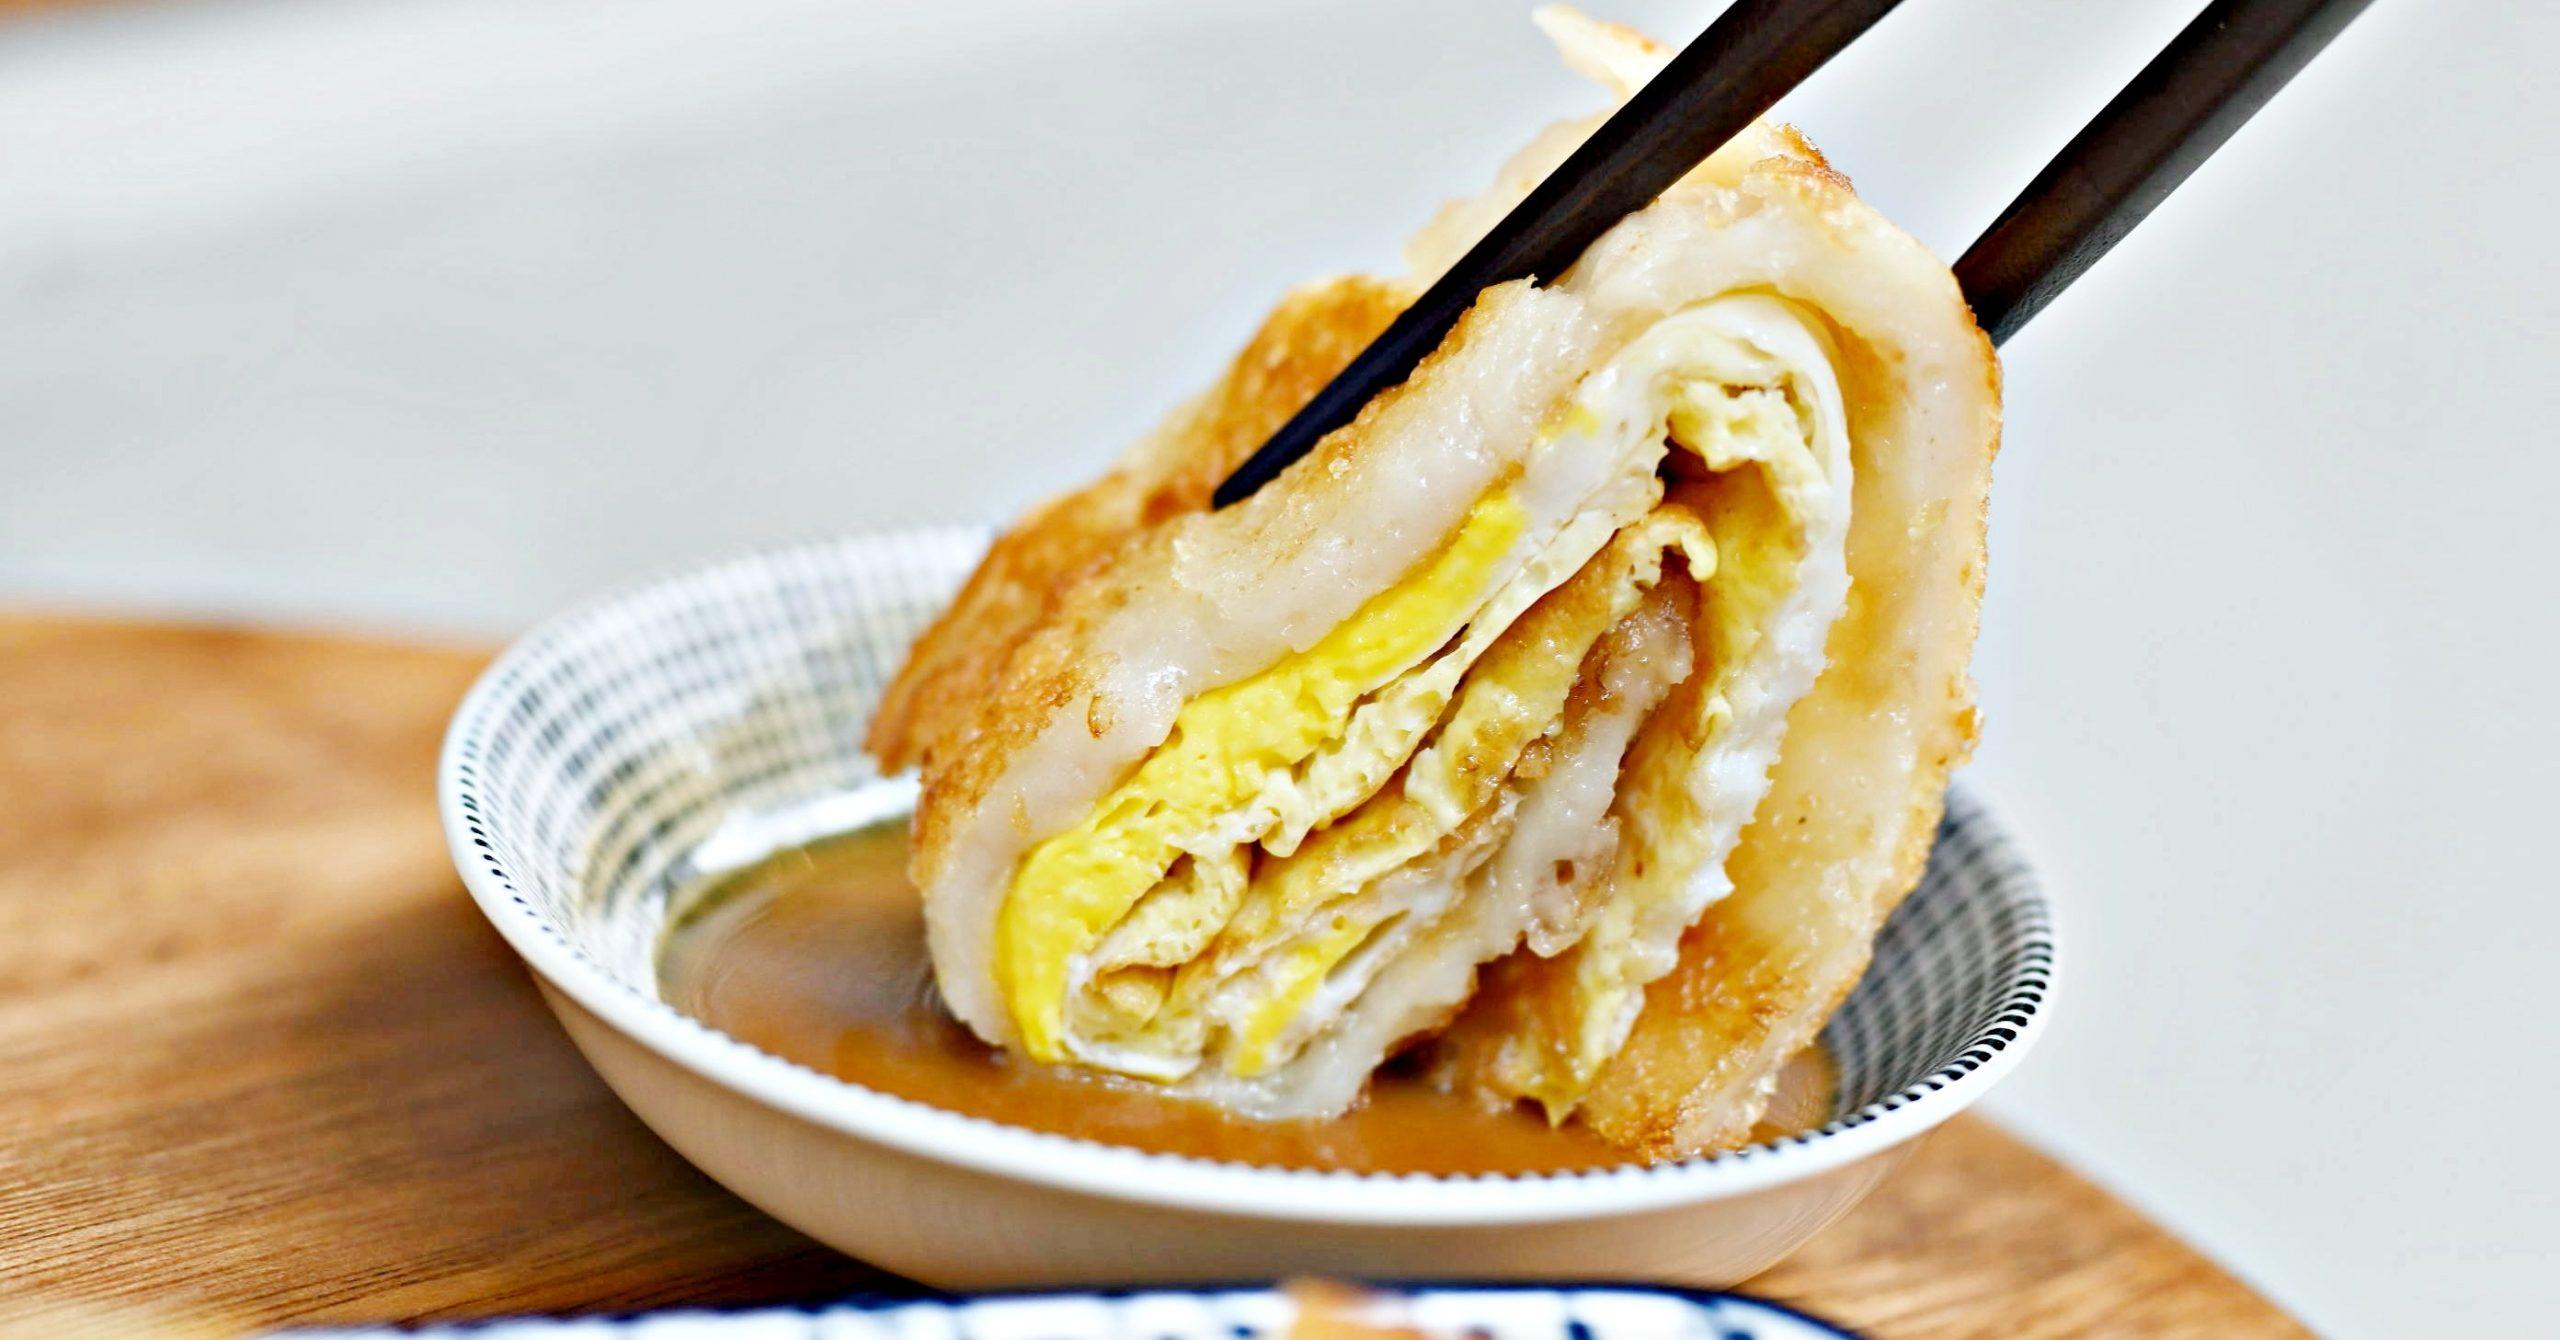 軟食力,軟食力菜單,軟食力推薦,粉漿蛋餅,台北早餐懶人包,台北蛋餅懶人包 @Nash,神之領域